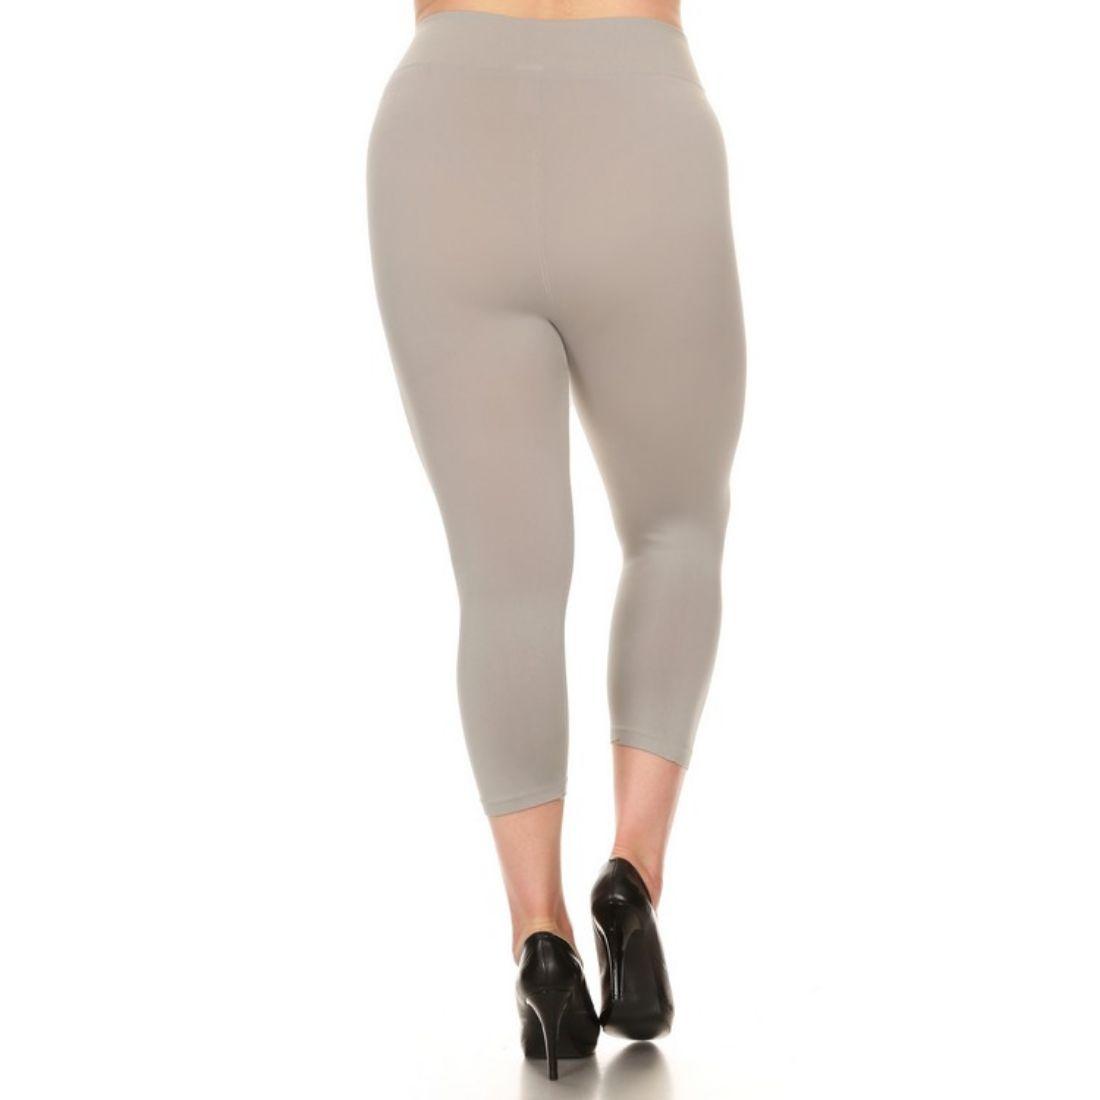 miniature 37 - Femmes Grande Taille Capri Leggings Court Stretch Pantalon Basique Solide Pour